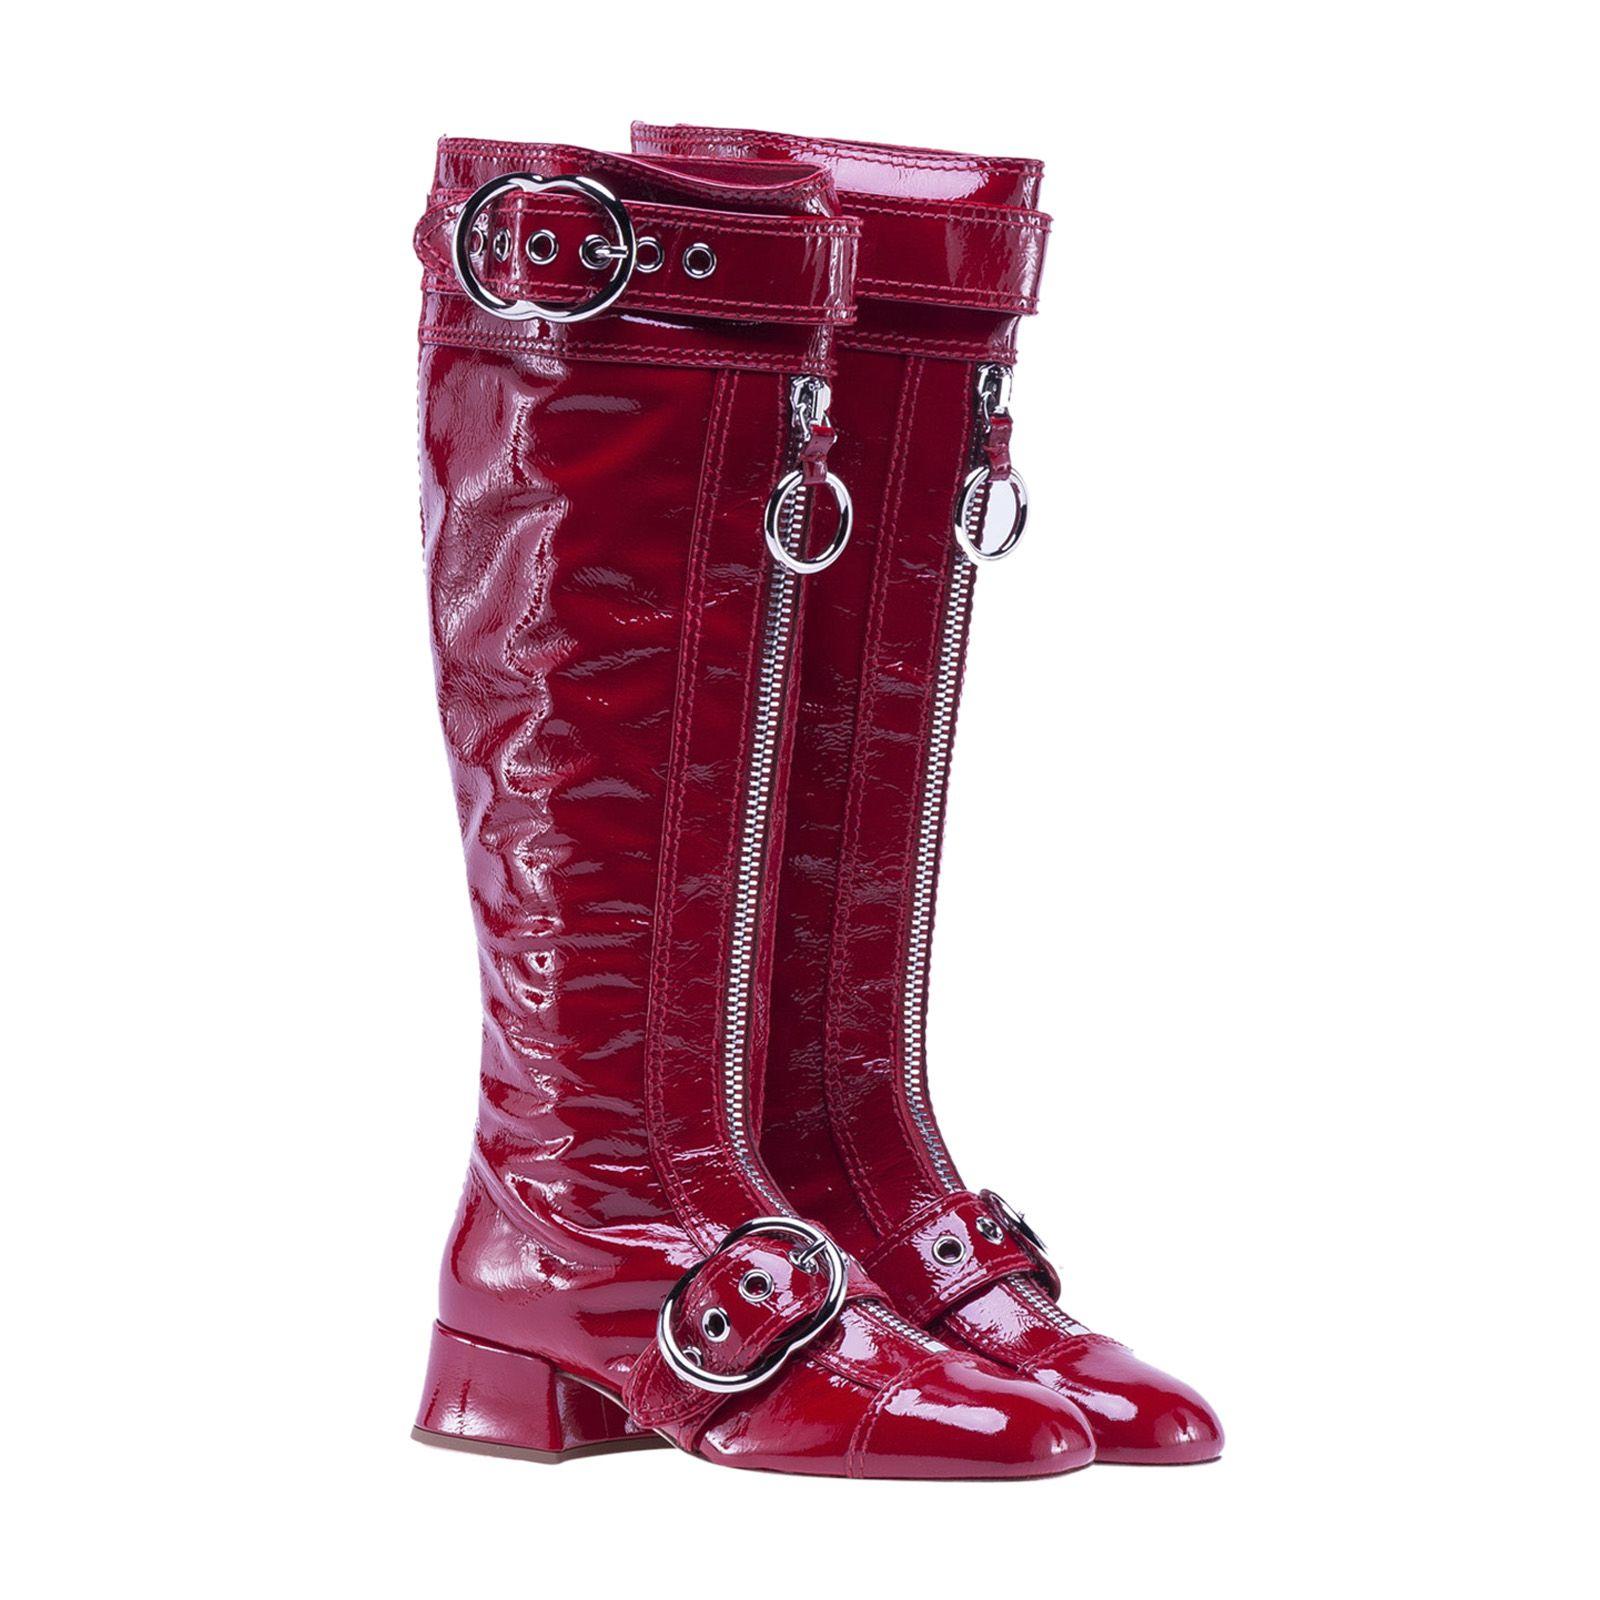 Miu Miu Naplak Boots